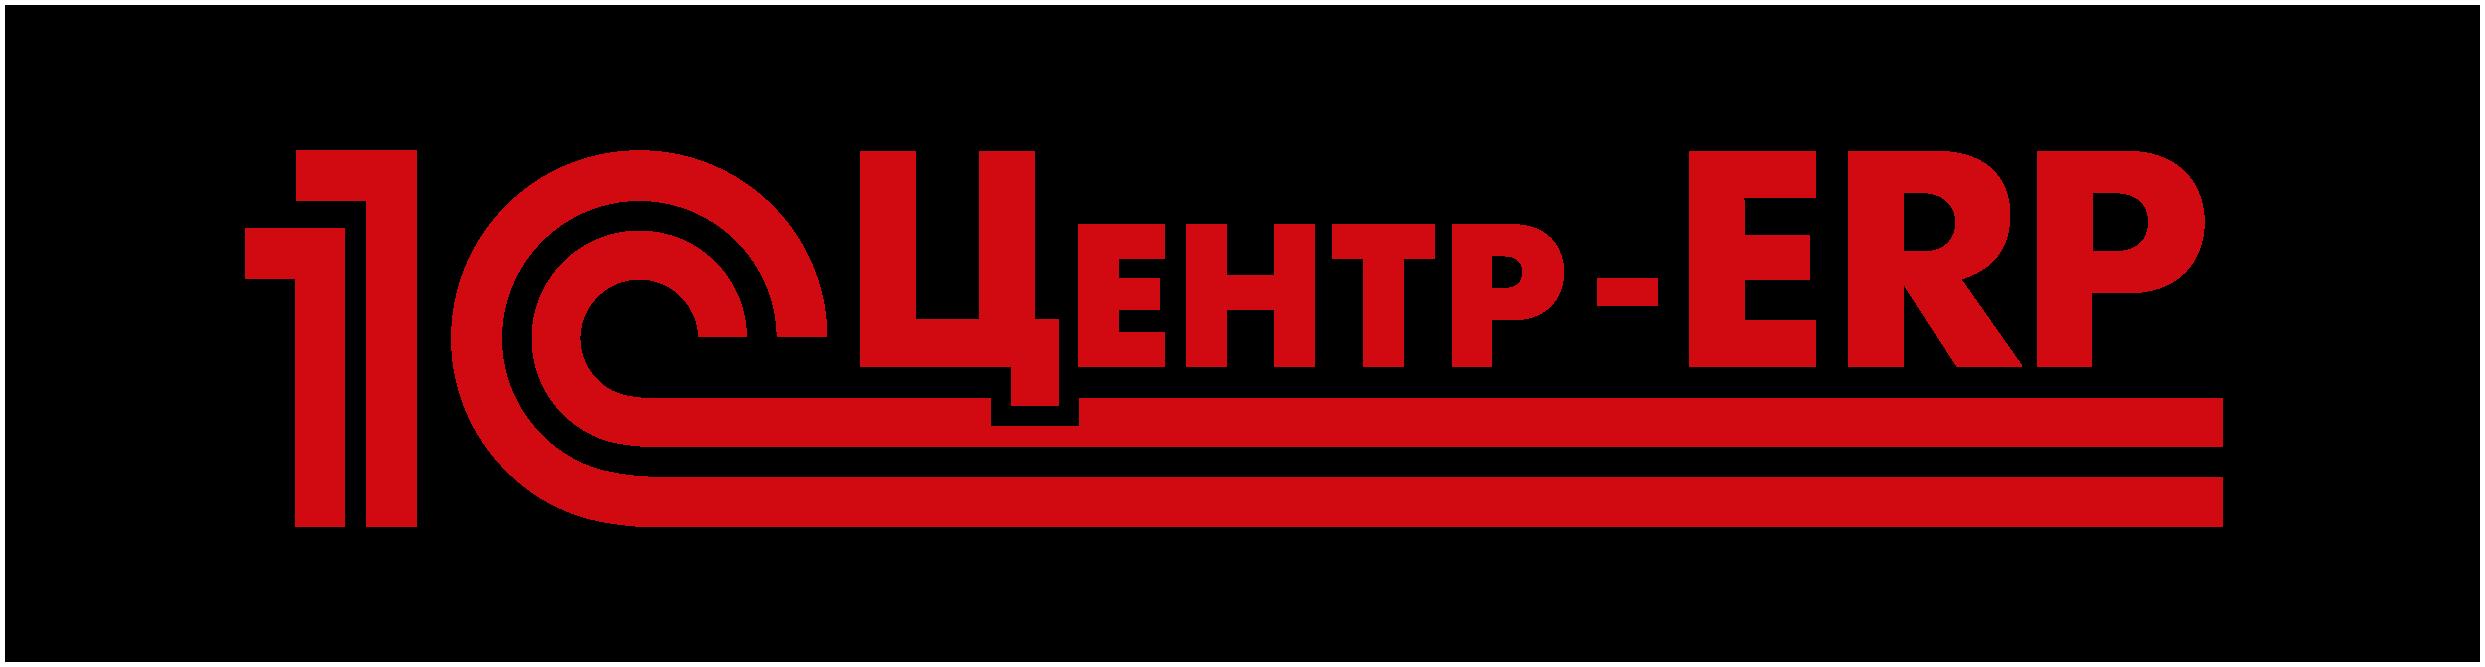 Софт сервис уфа 1с 1с покупка компьютера проводки